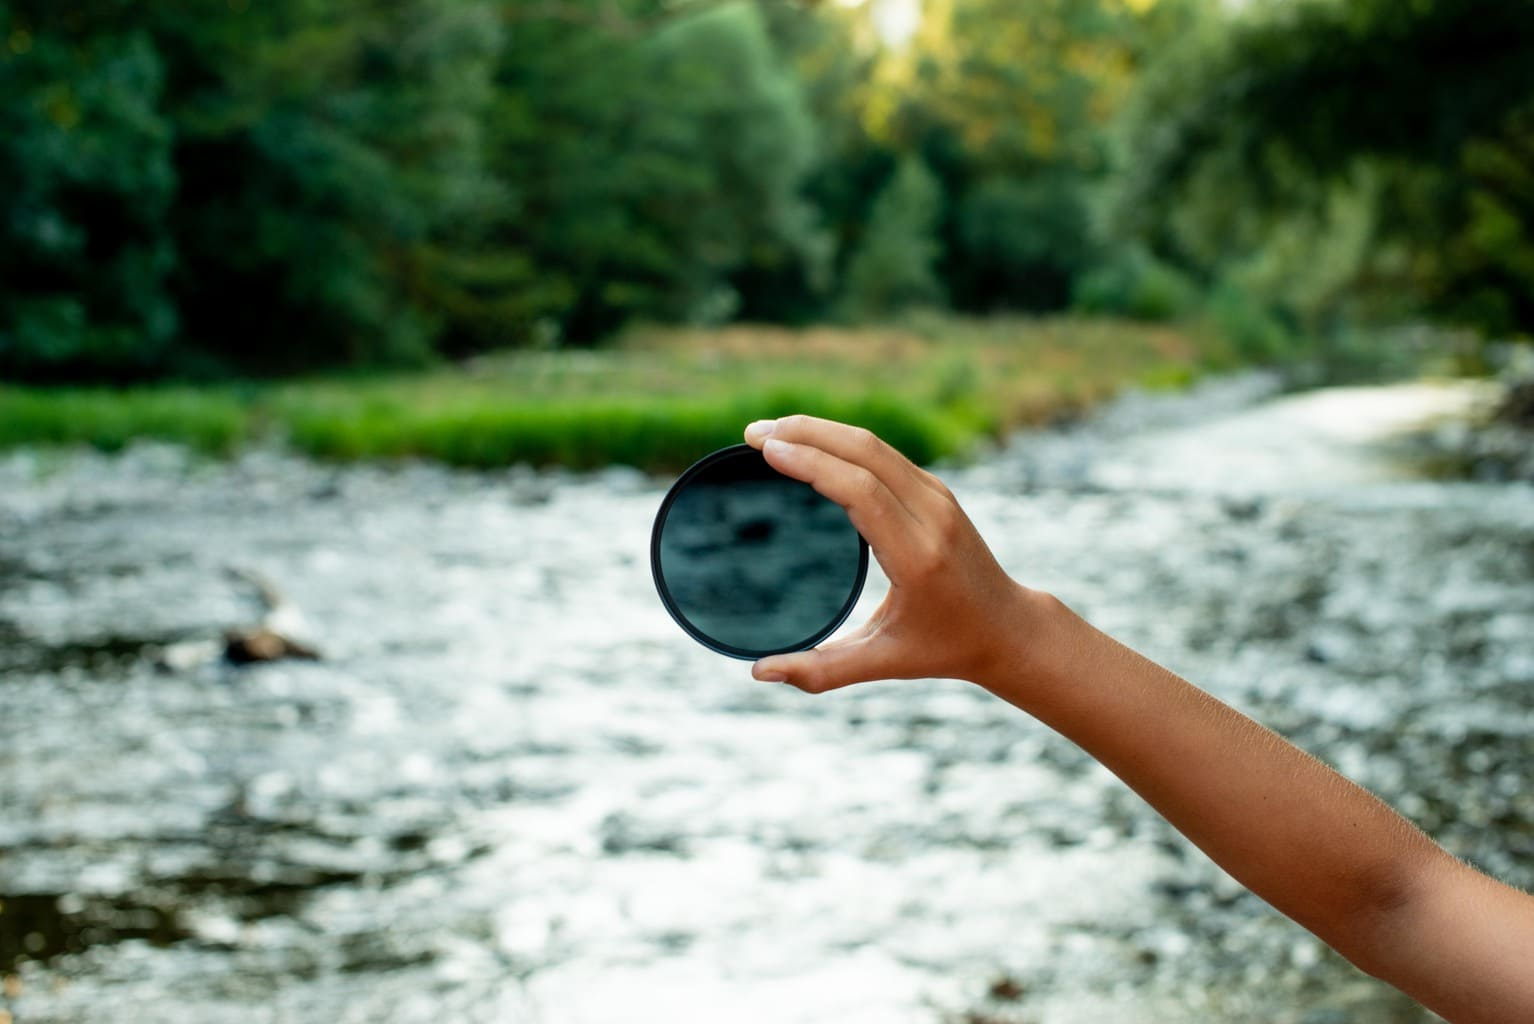 filtro densidad neutra sobre río